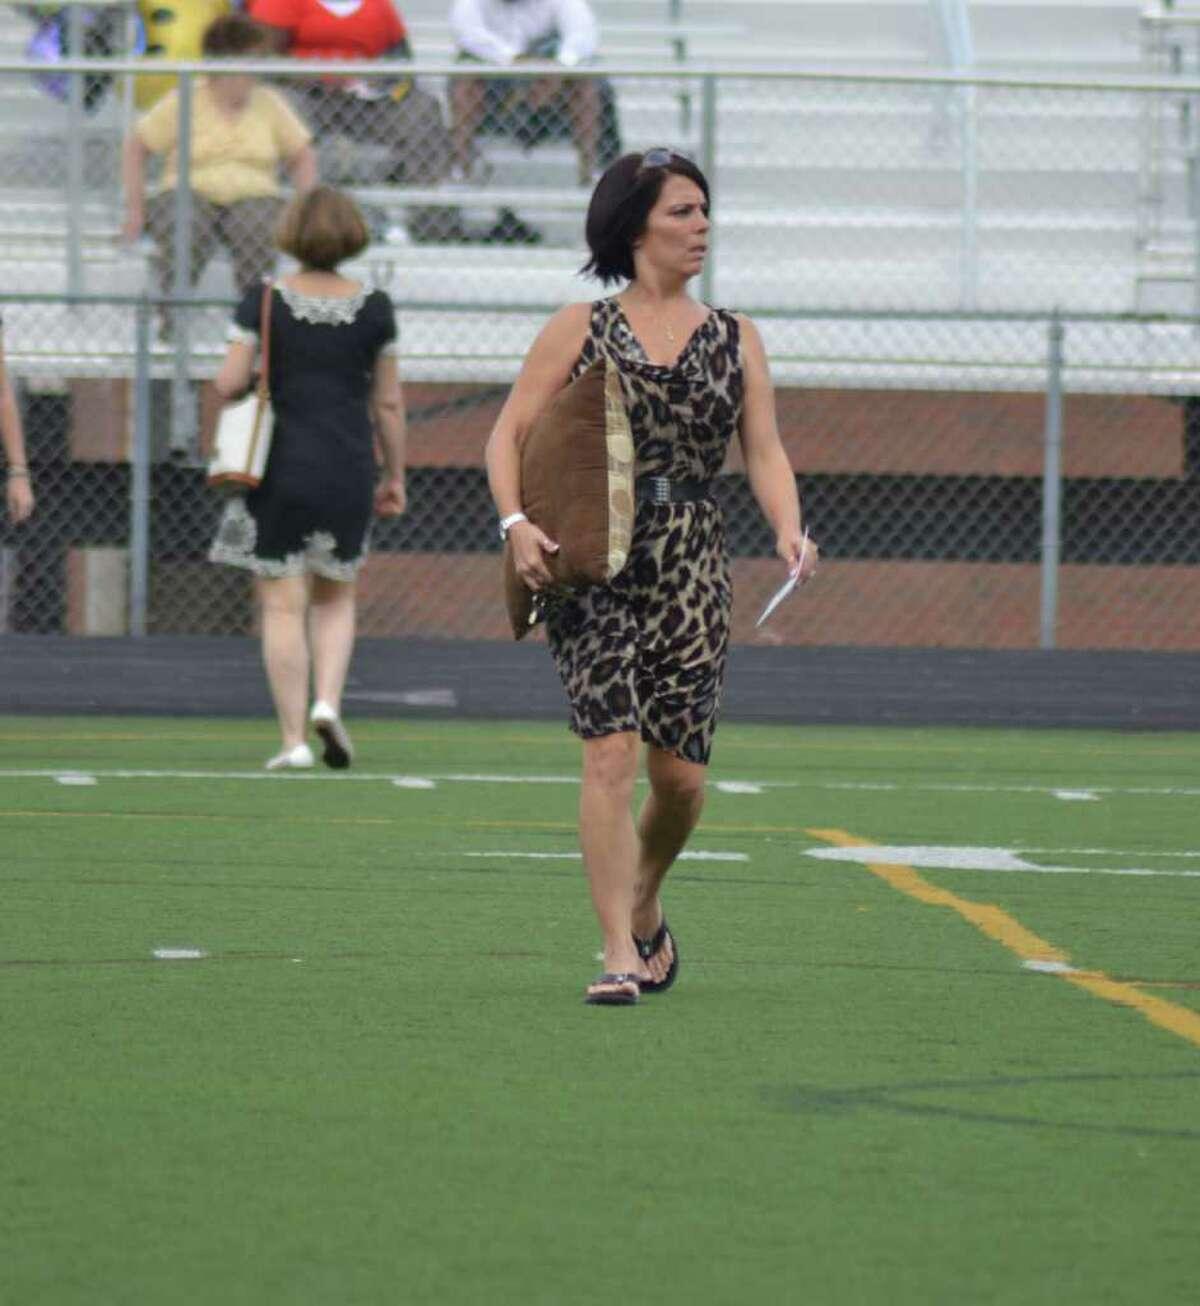 Trumbull High School Graduation in Trumbull, CT, 6/21/2011